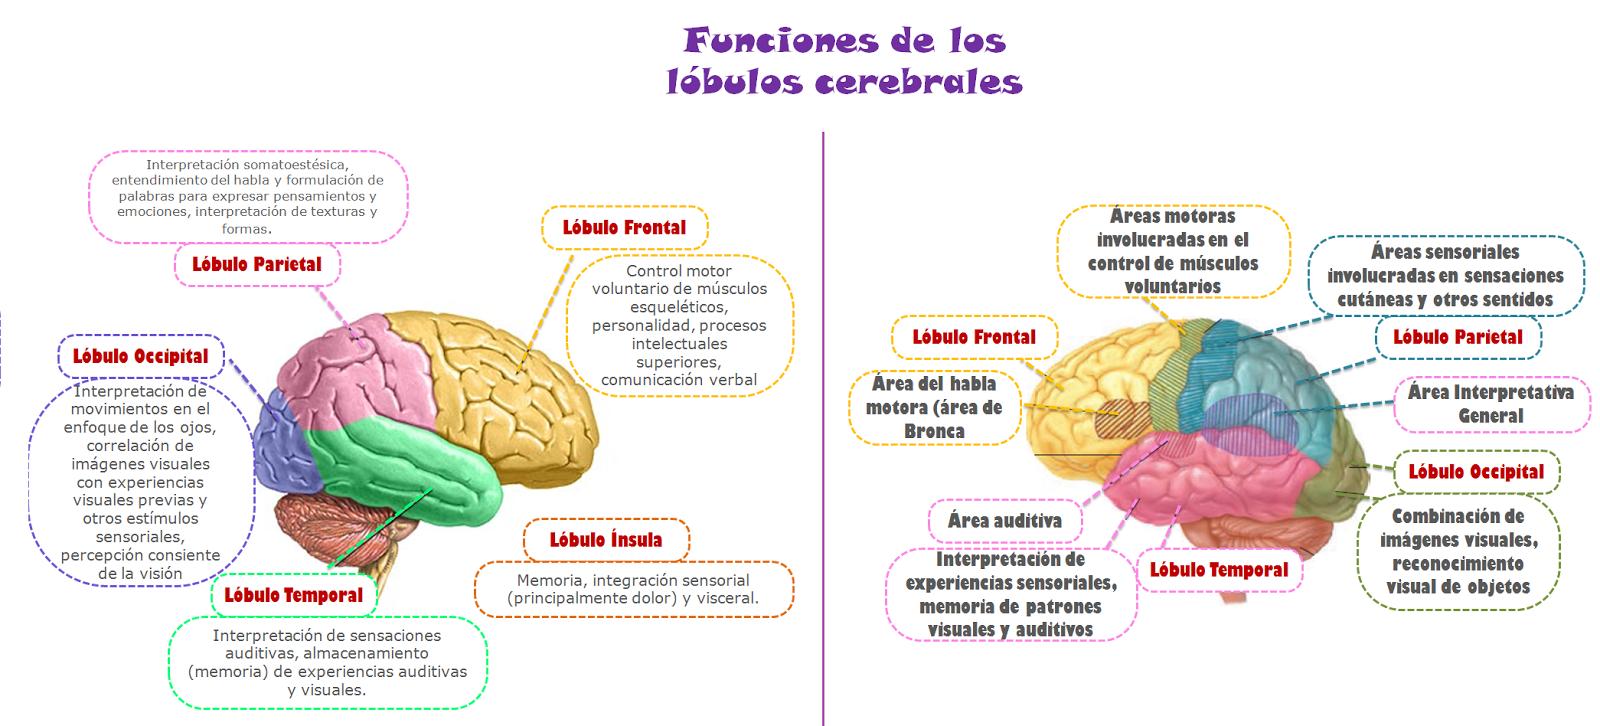 Blog De Fisiología Uas De Gisselle Gpe Camarillo Ramos Funciones De Los Lóbulos Cerebrales